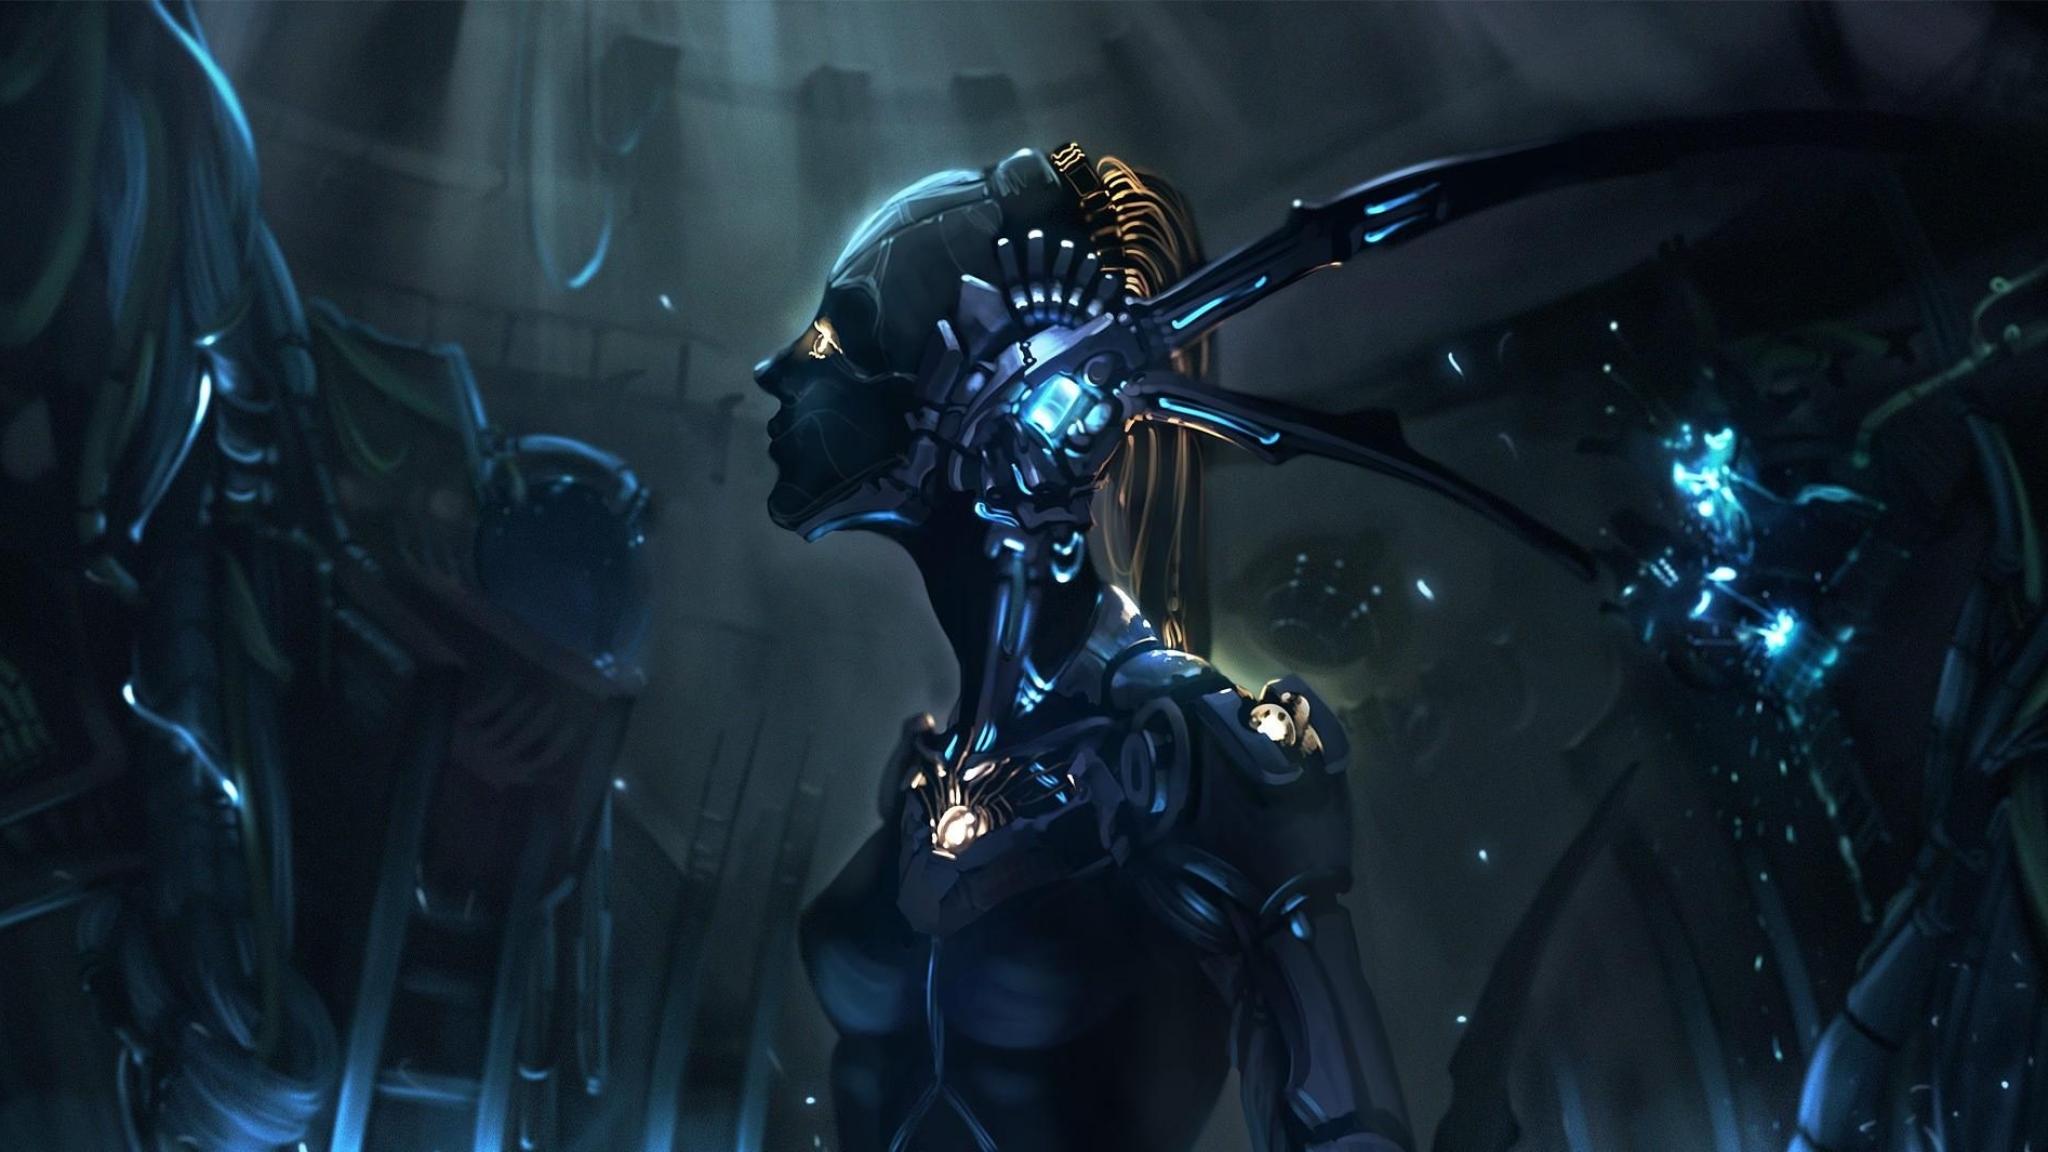 2048x1152 robot cyborg mechanism 2048x1152 Resolution Wallpaper 2048x1152